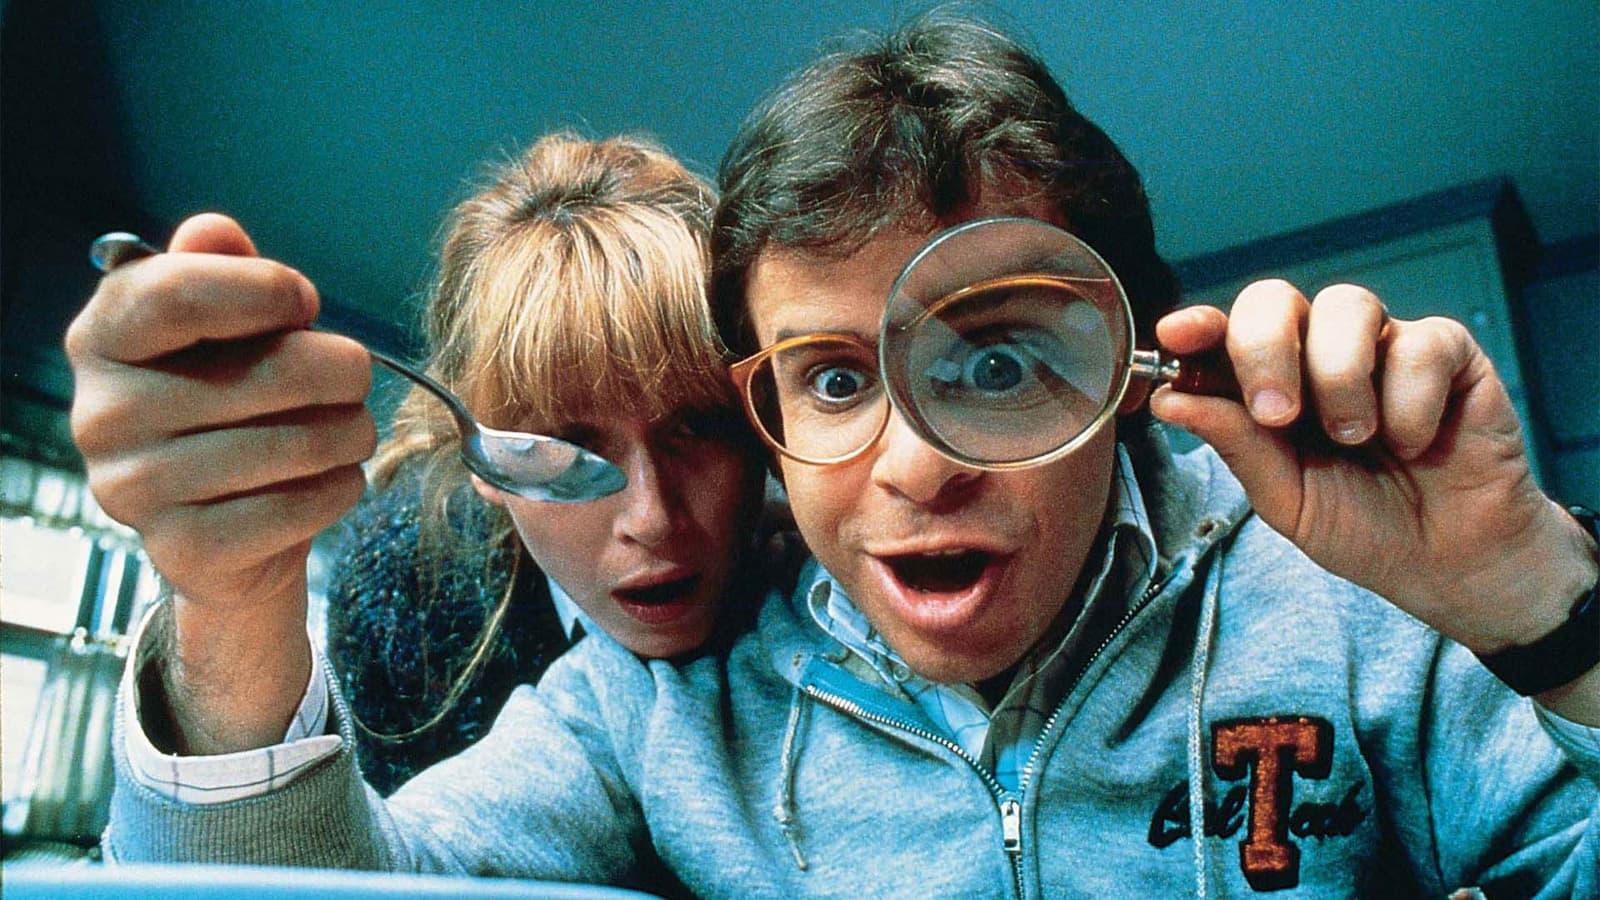 alskling-jag-krympte-barnen-1989